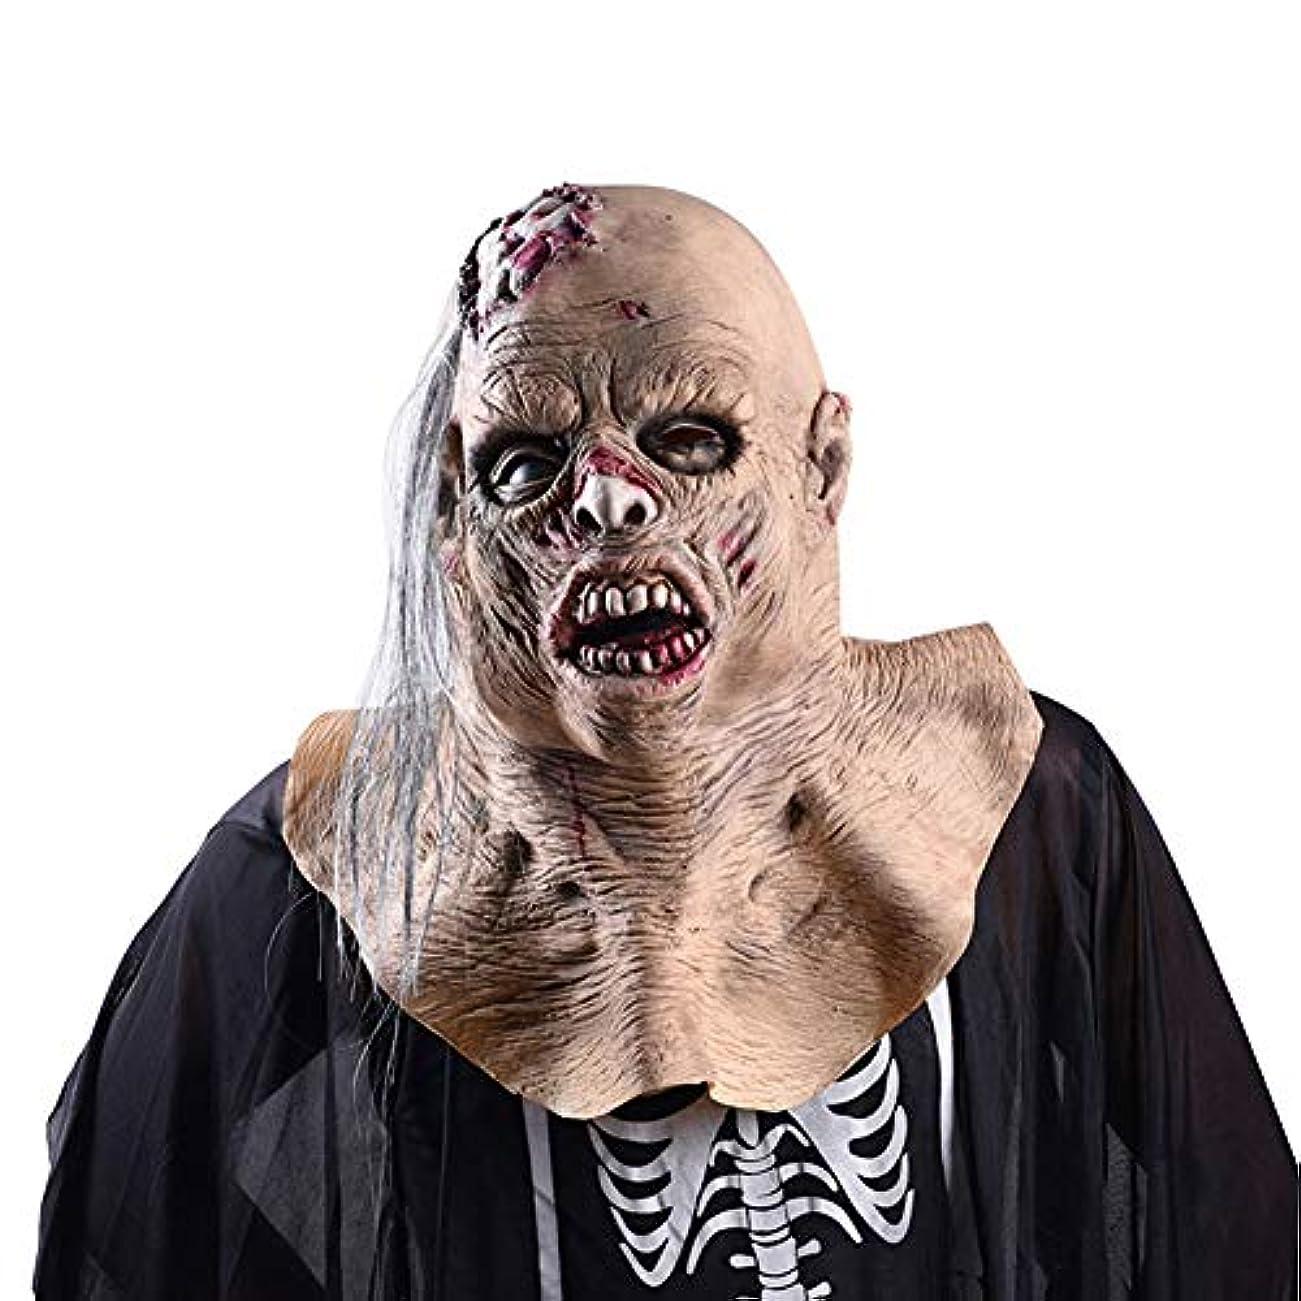 ゆりかご構成員チロハロウィーンマスク、吸血鬼のラテックスマスク、ハロウィーン、テーマパーティー、カーニバル、レイブパーティー、バー、小道具。